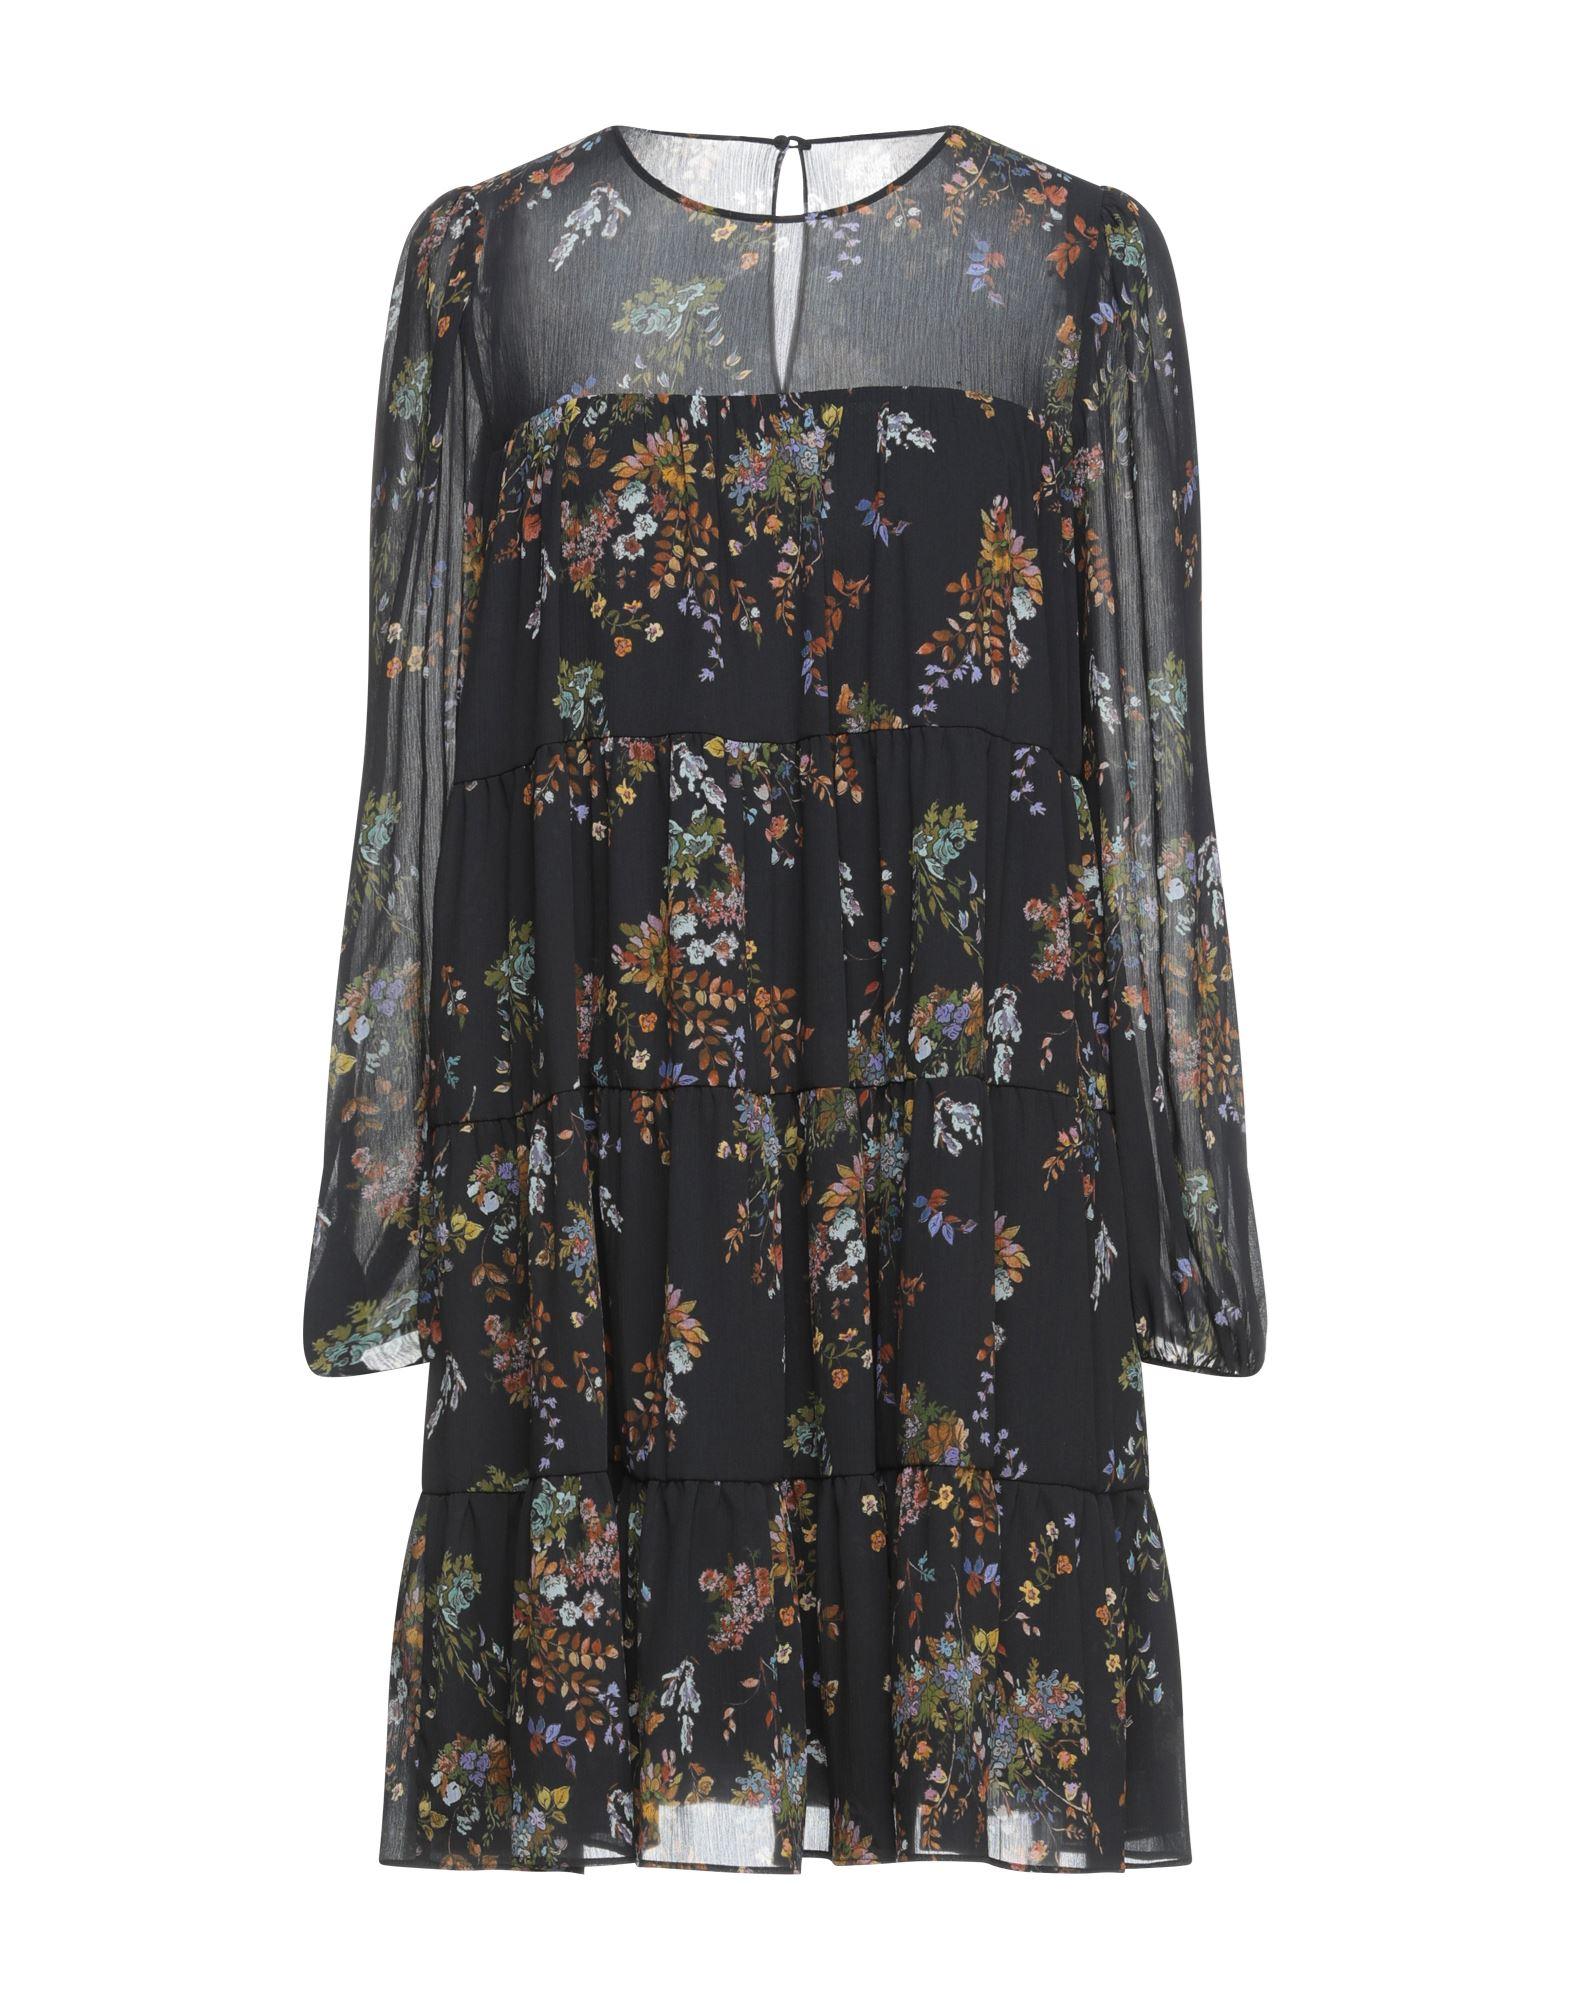 Suoli Short Dresses In Black